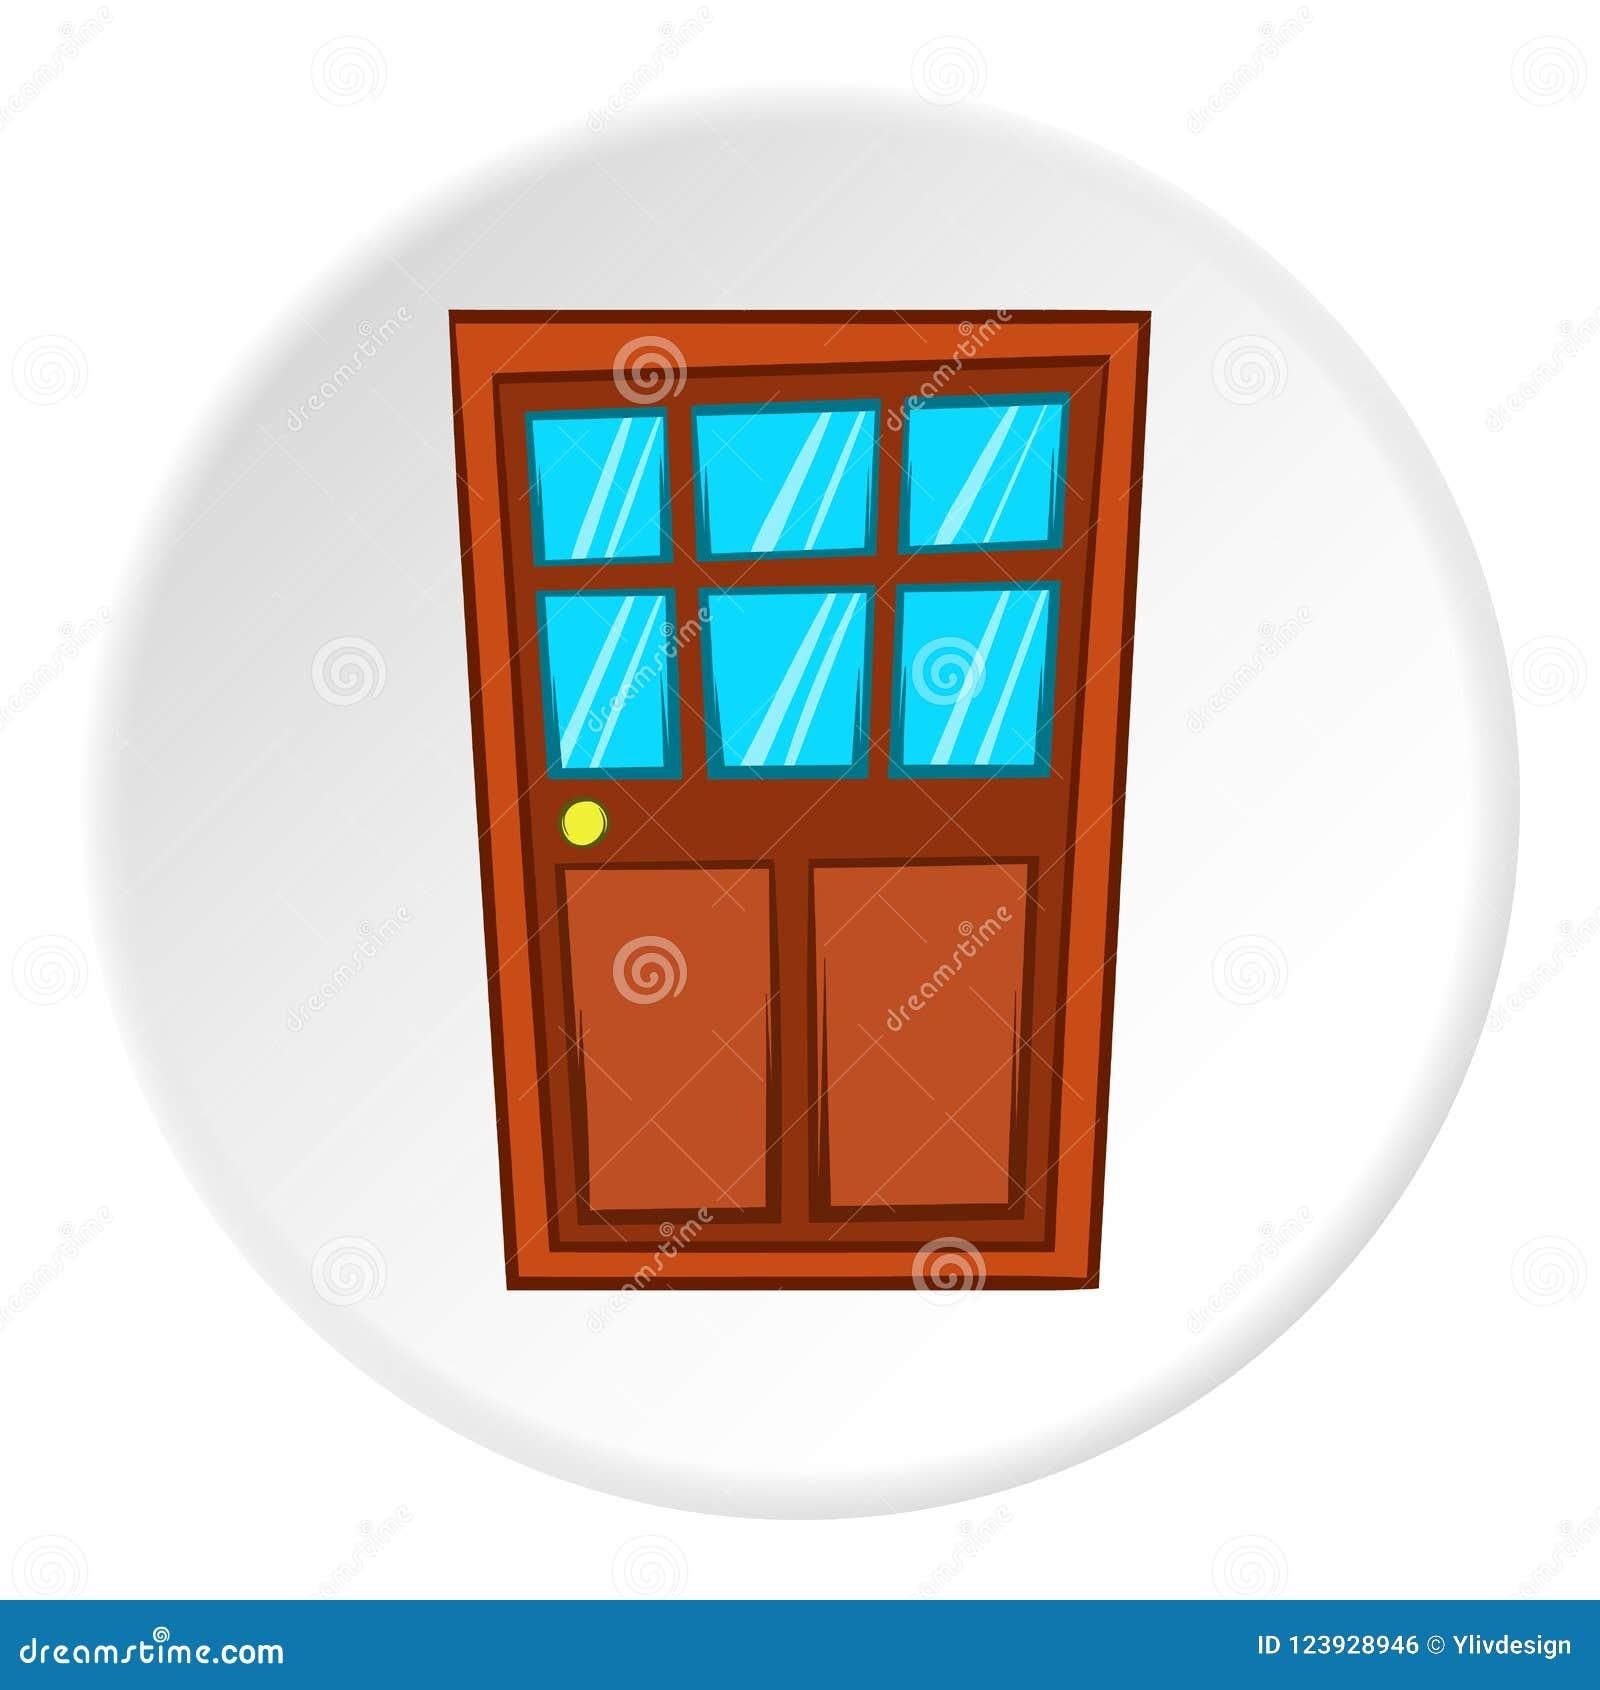 Wooden Interior Door Icon Cartoon Style Stock Illustration